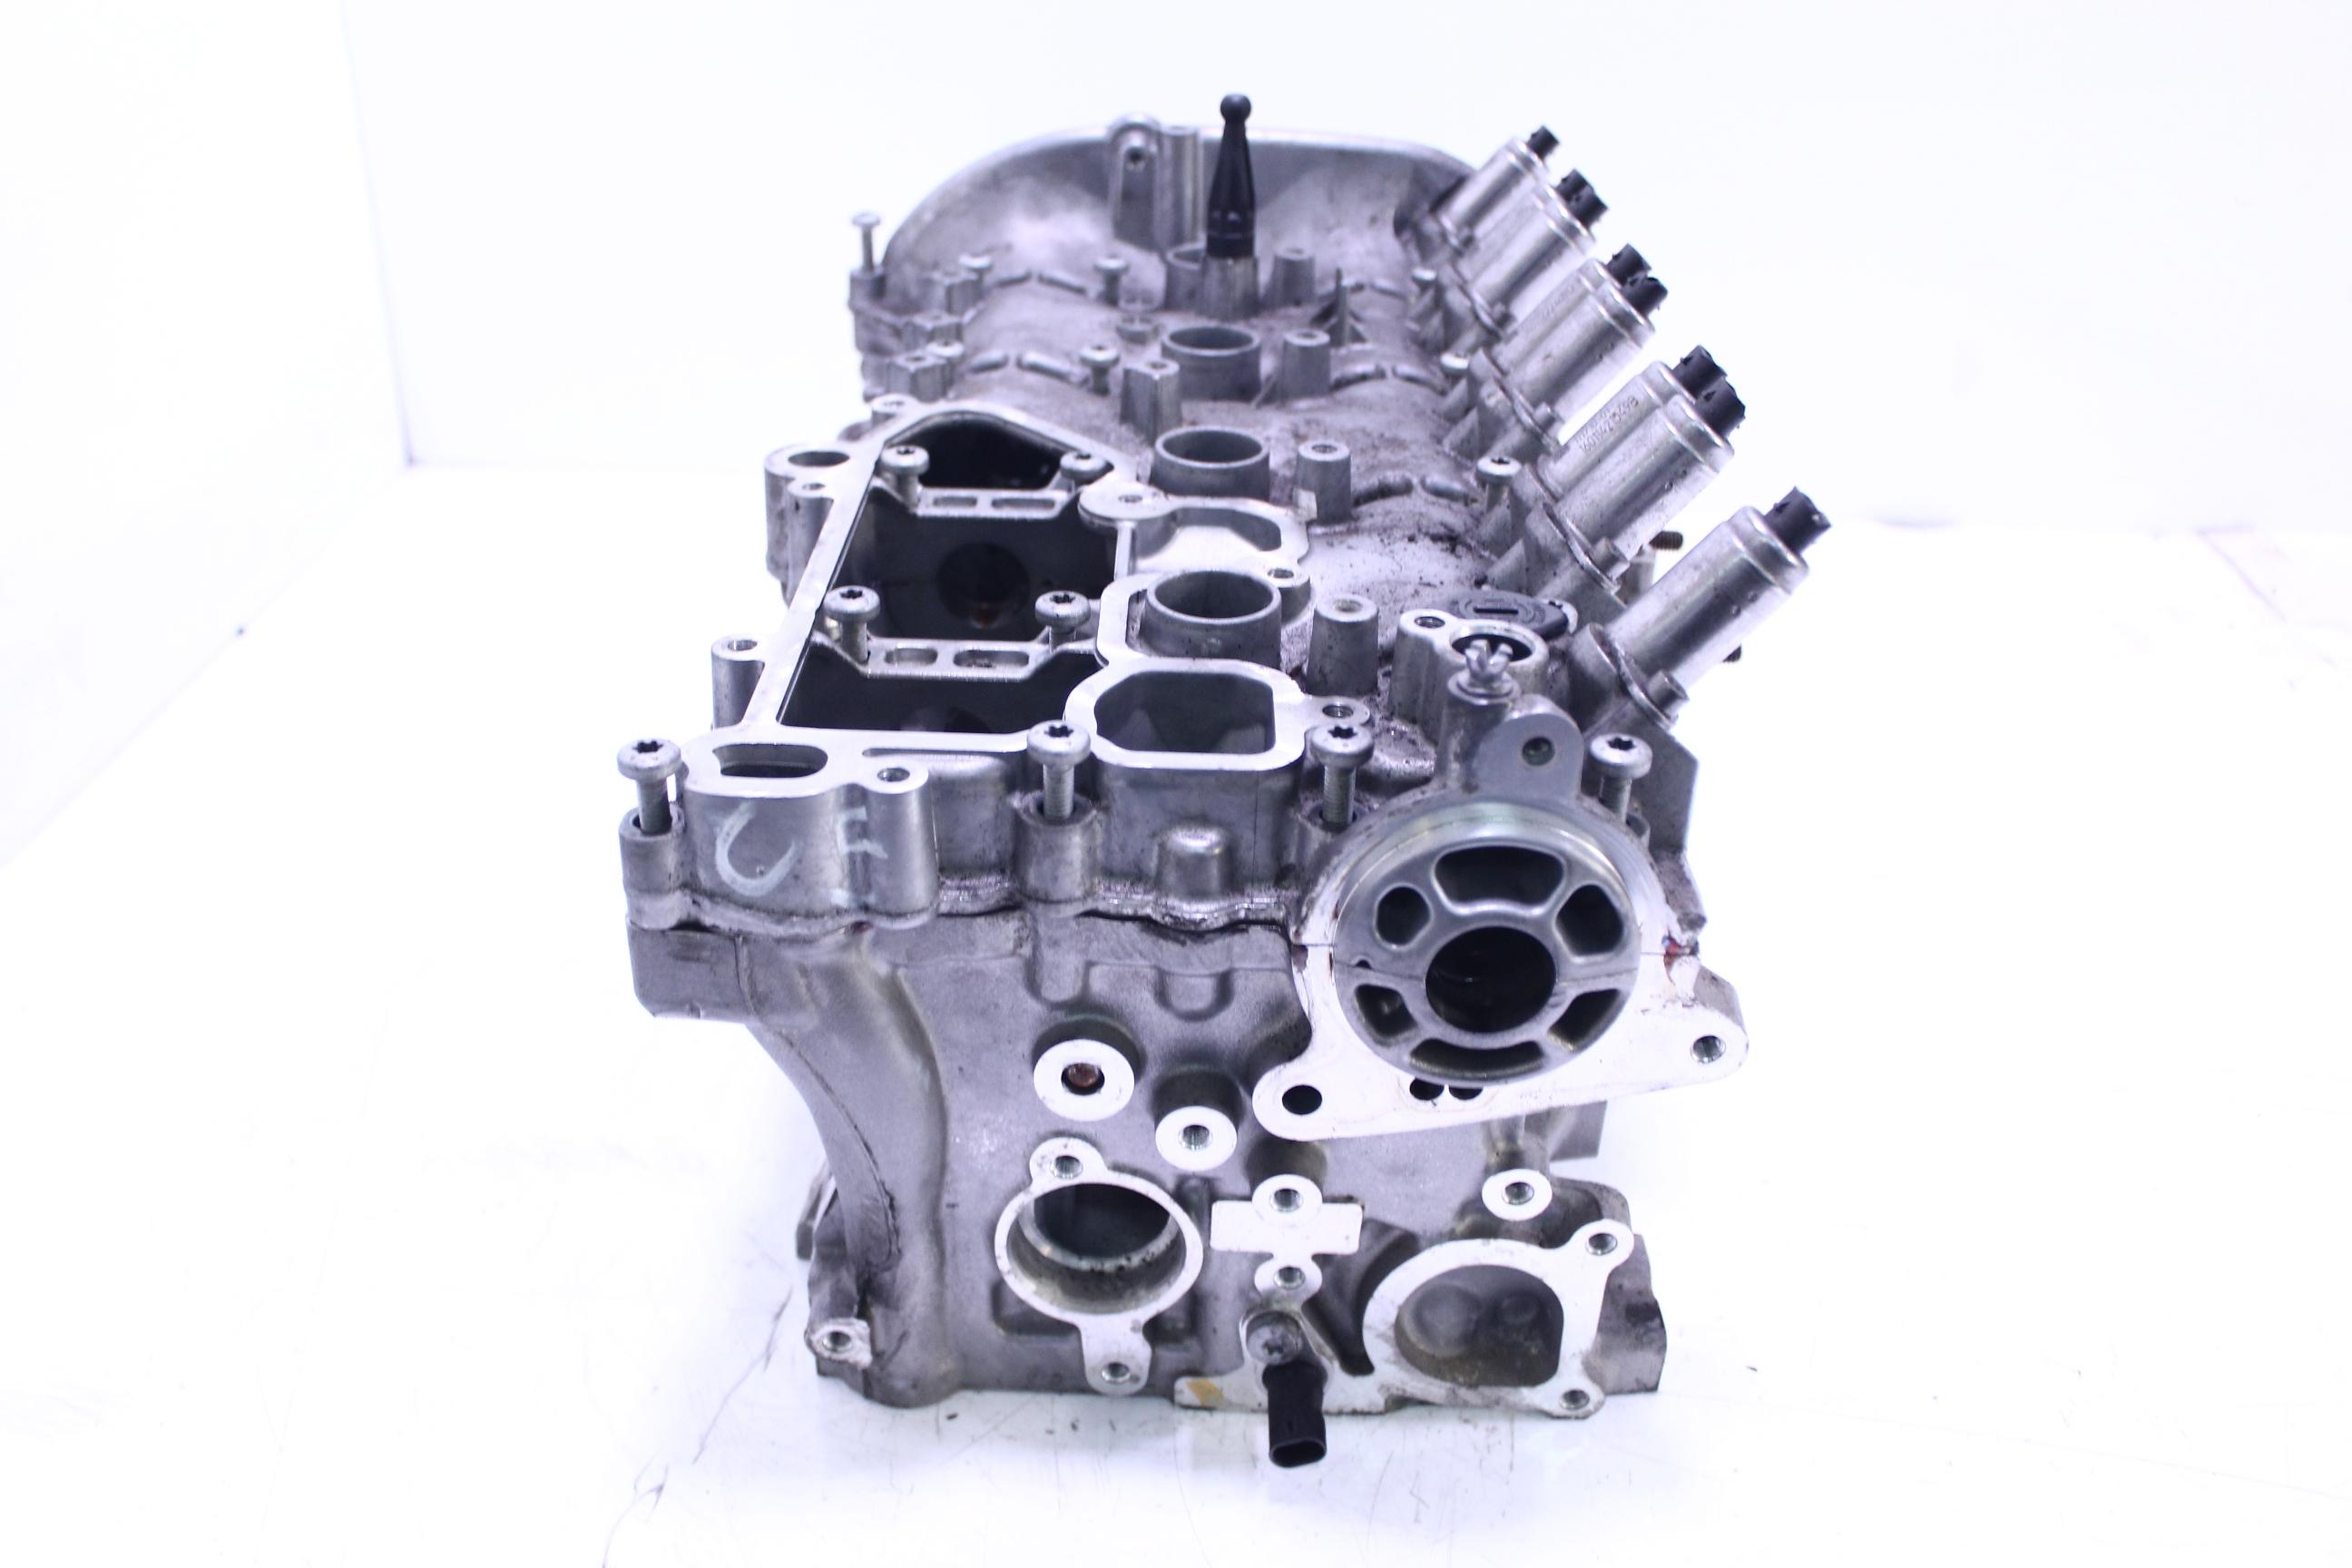 Dichtung Zylinderkopf Audi A6 C6 2,4 V6 BDW 06E103148P 06E103149P NEU